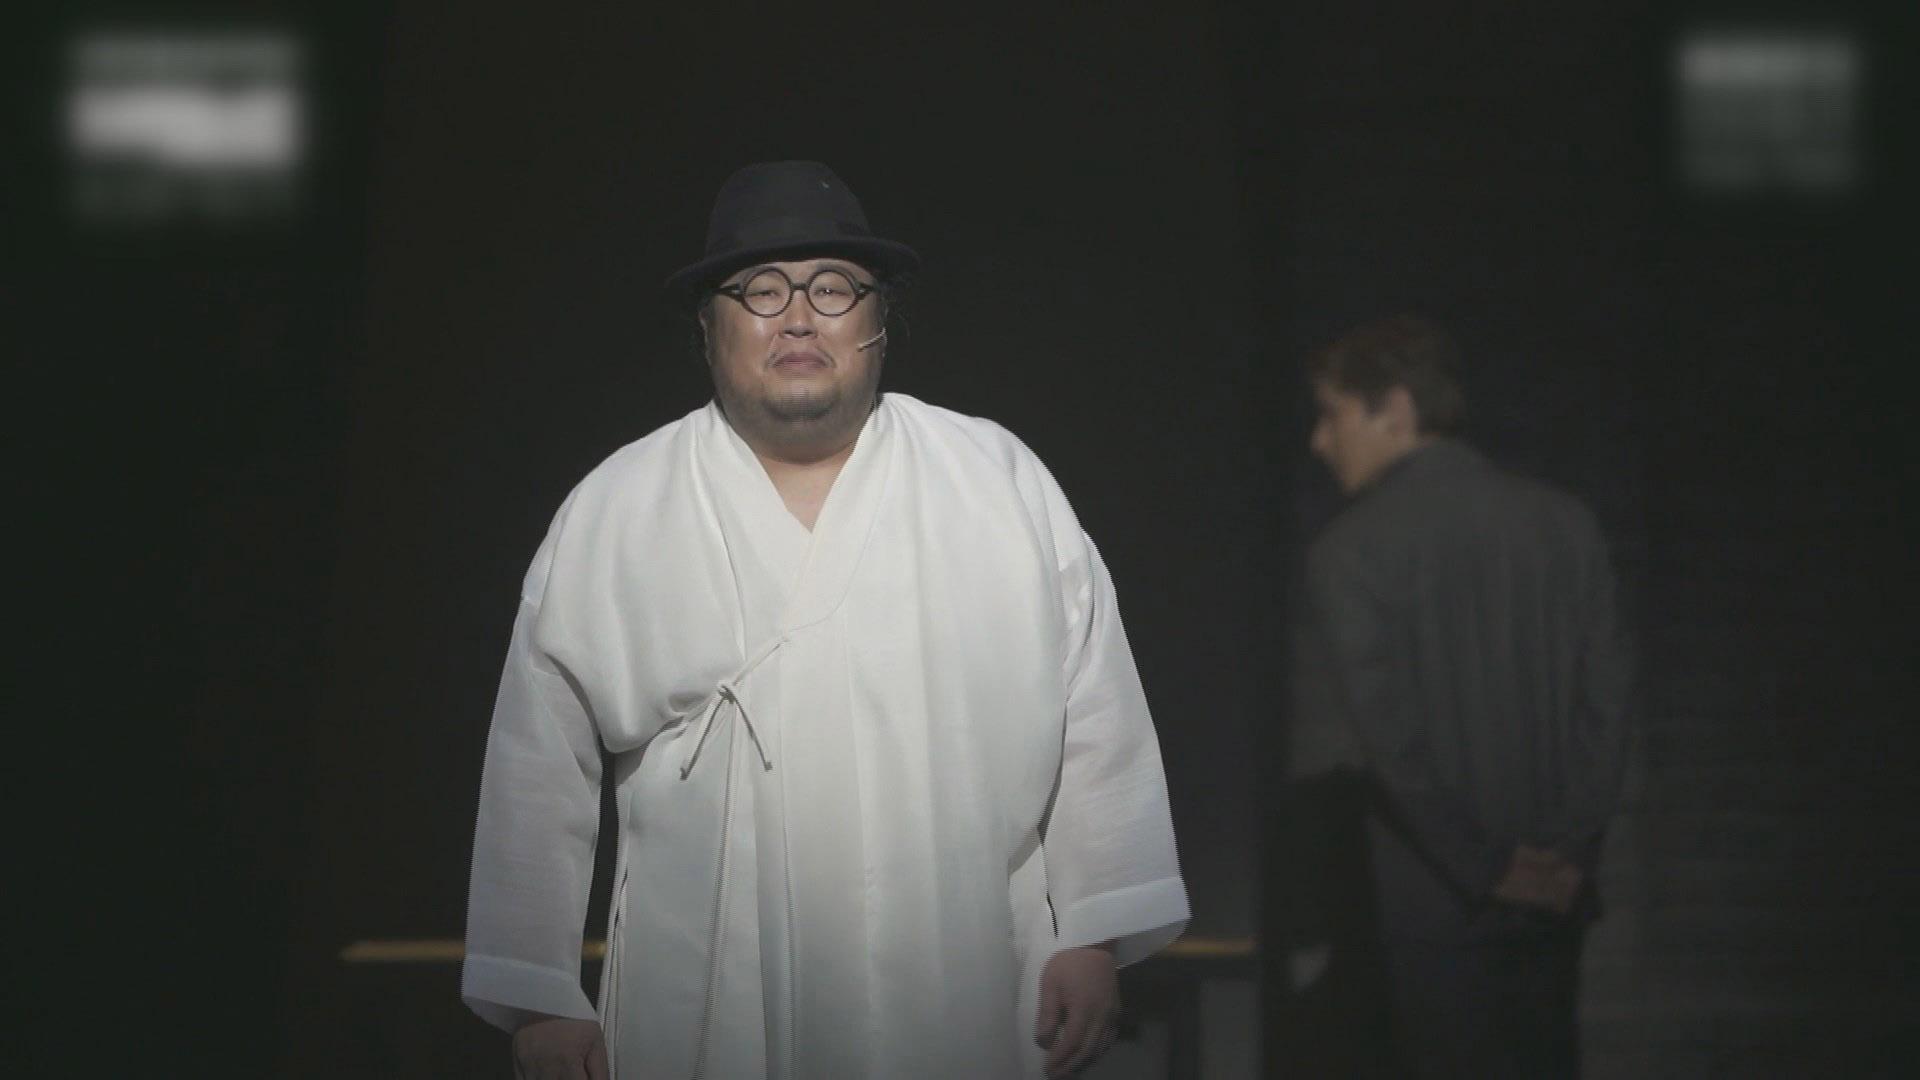 창작 뮤지컬 '백범' 개막…70여년 발자취 조명